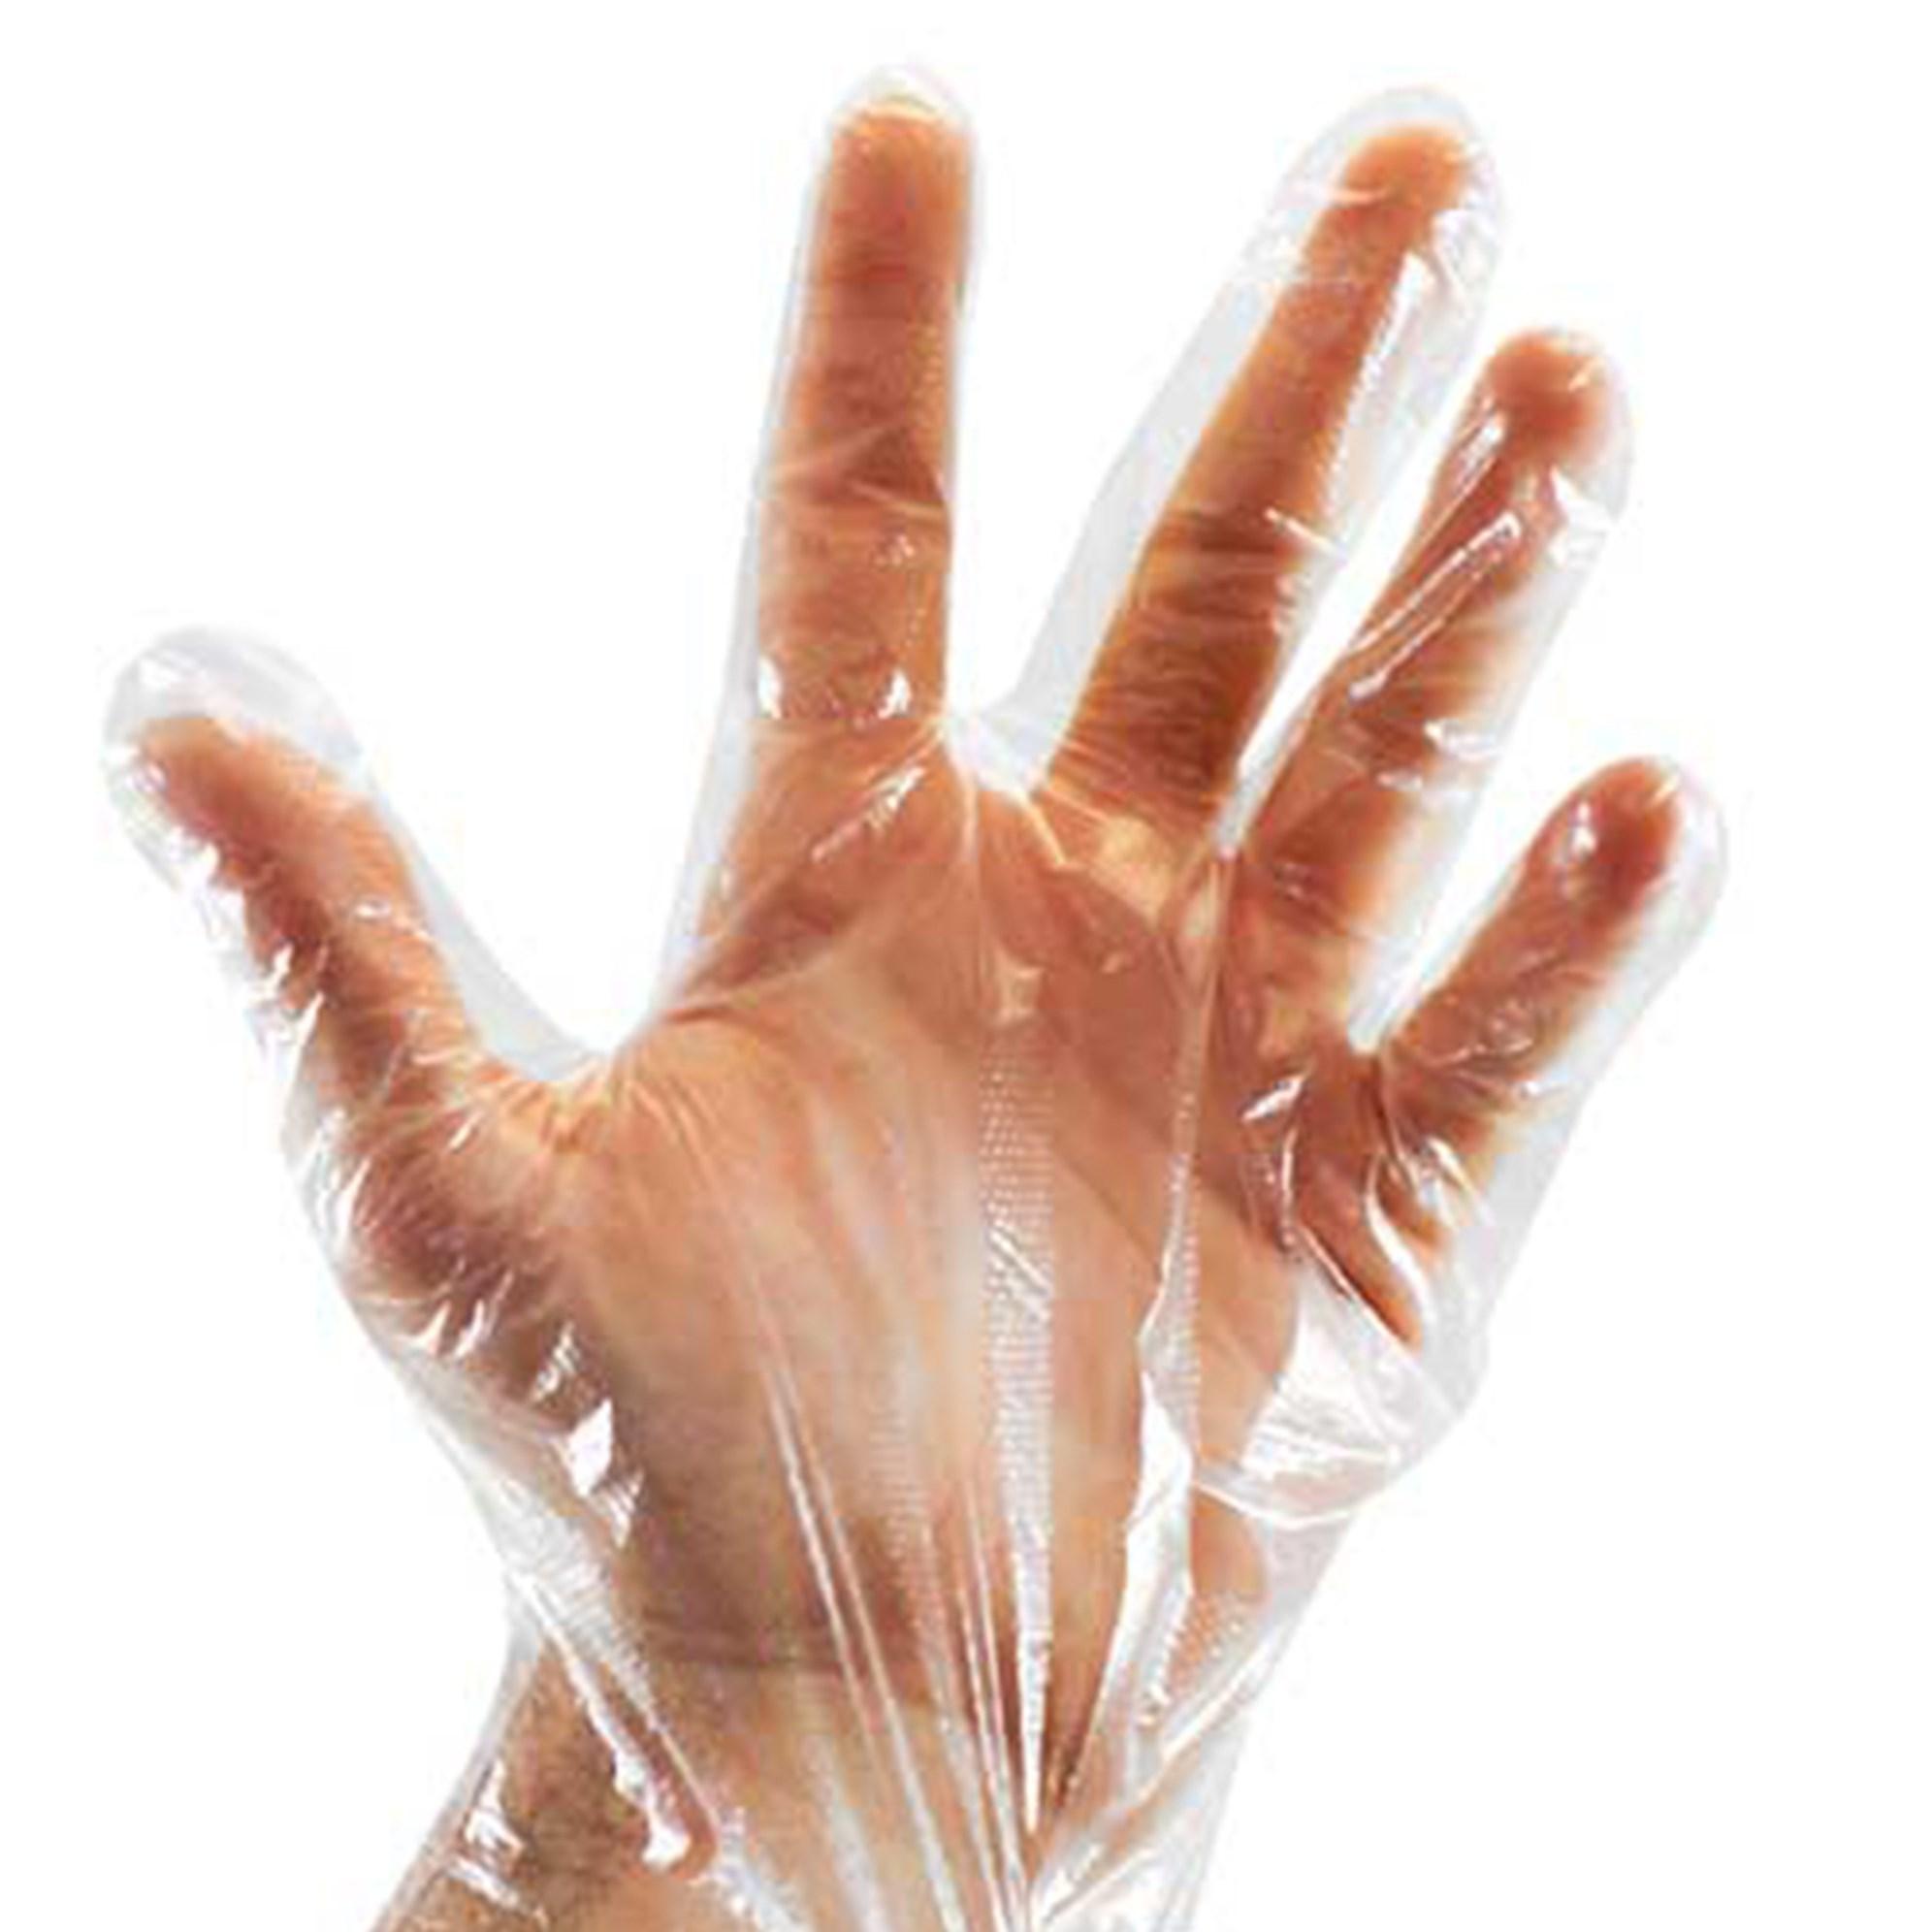 دستکش یکبار مصرف بوف مدل M1 بسته 100 عددی main 1 3